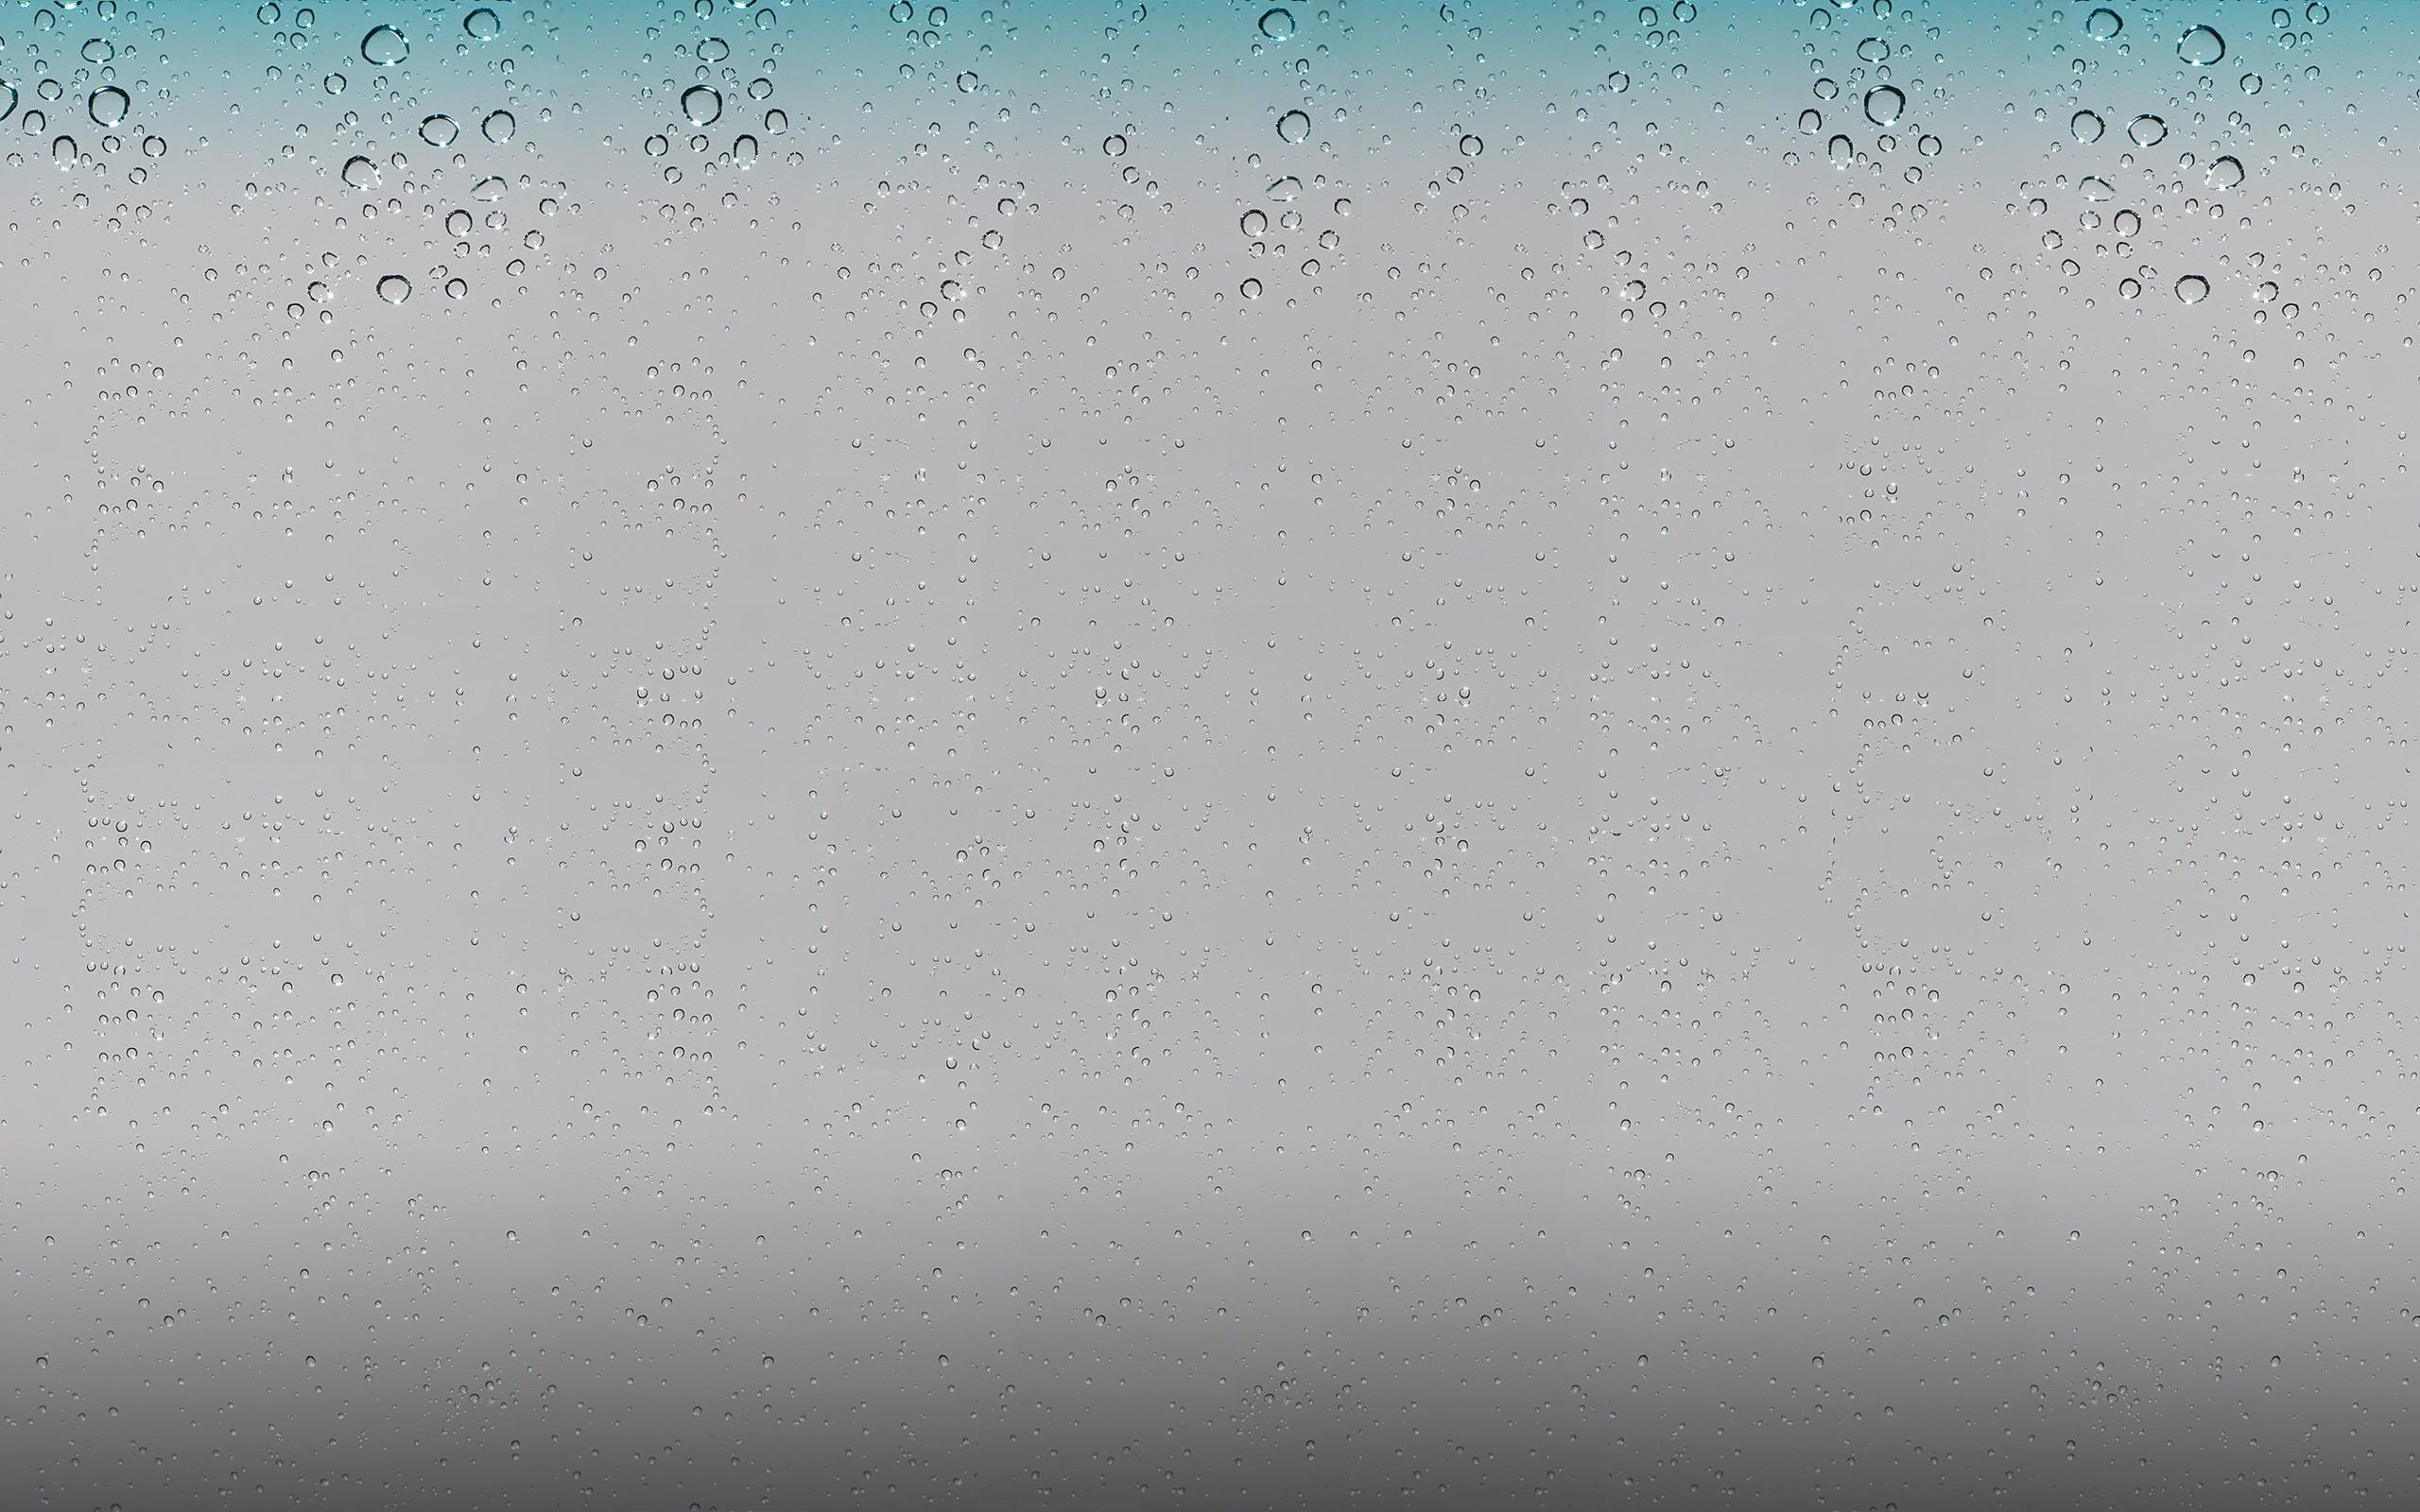 IOS 4 drops wallpaper 2560x1600 2058 WallpaperUP 2560x1600